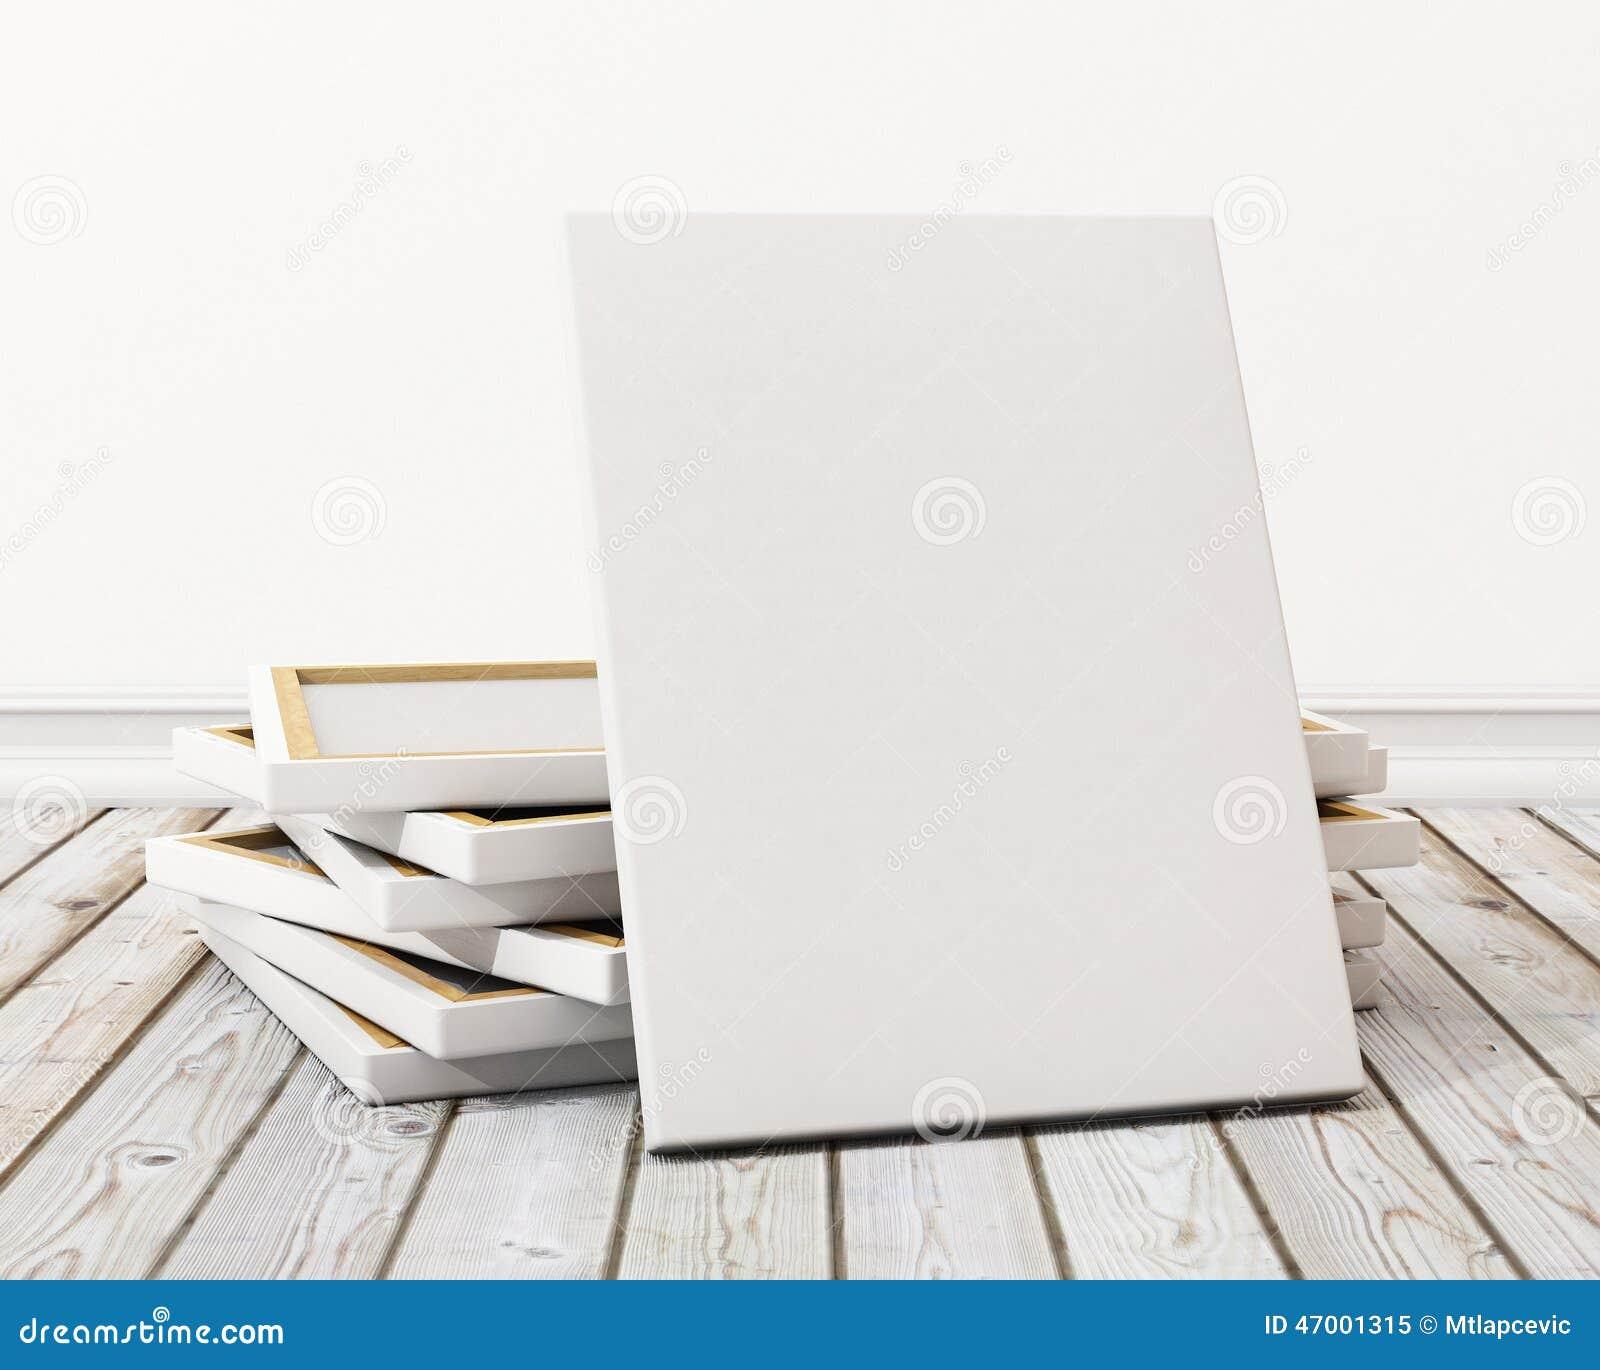 Imite encima de lona o del cartel en blanco con la pila de lona en el piso y la pared, fondo